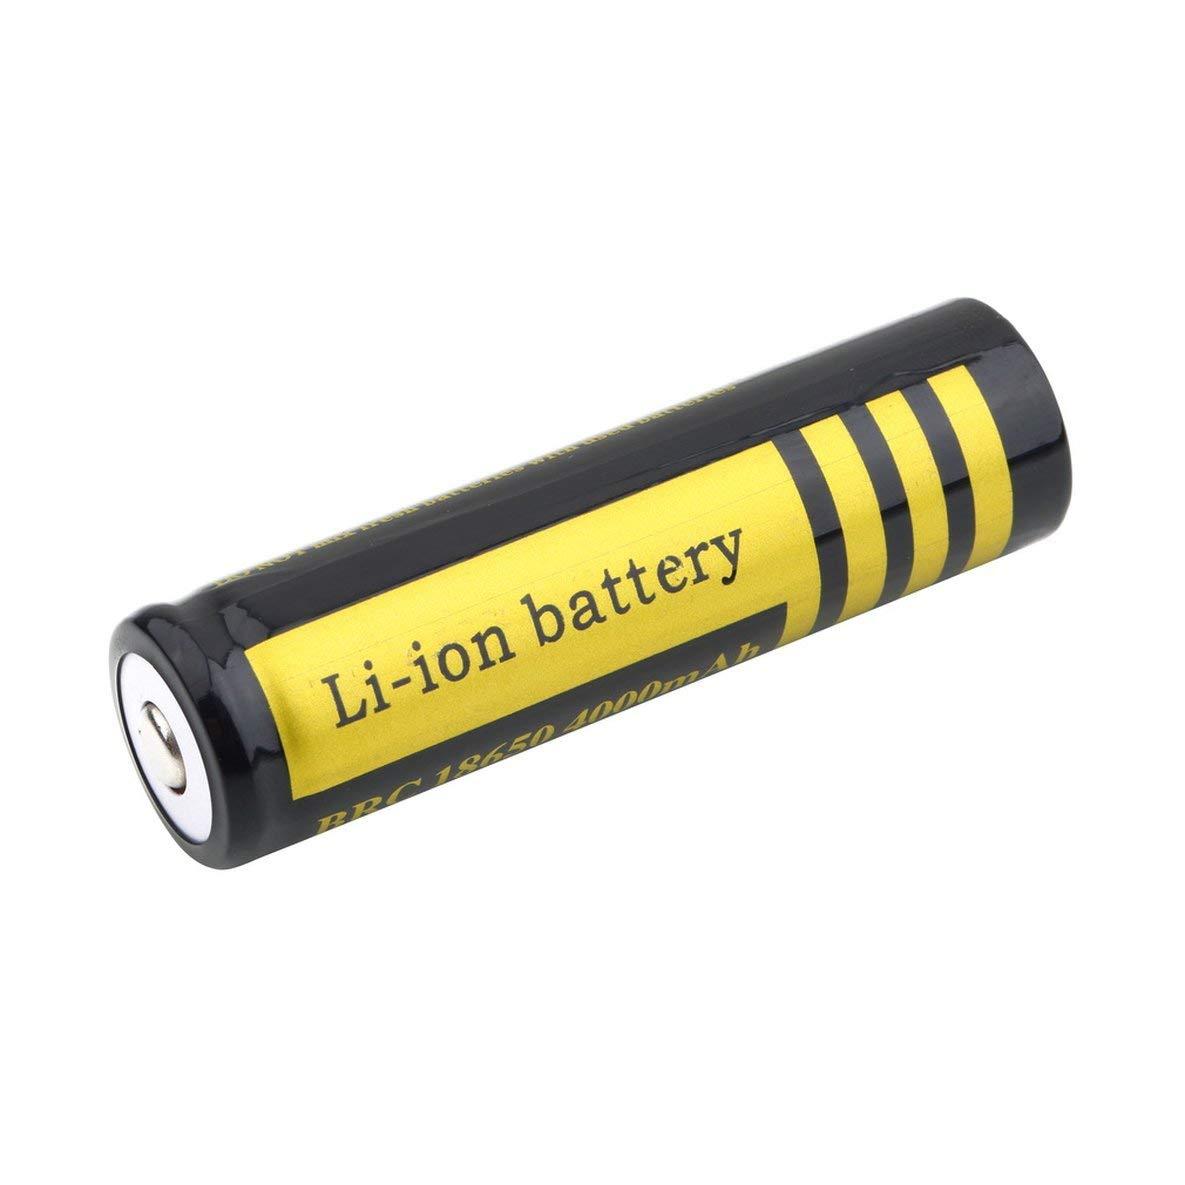 Durable 18650 4000mAh 3.7 V Baterí a de ion de litio recargable original nueva para linterna antorcha Baterí a de larga duració n de servicio Moliies